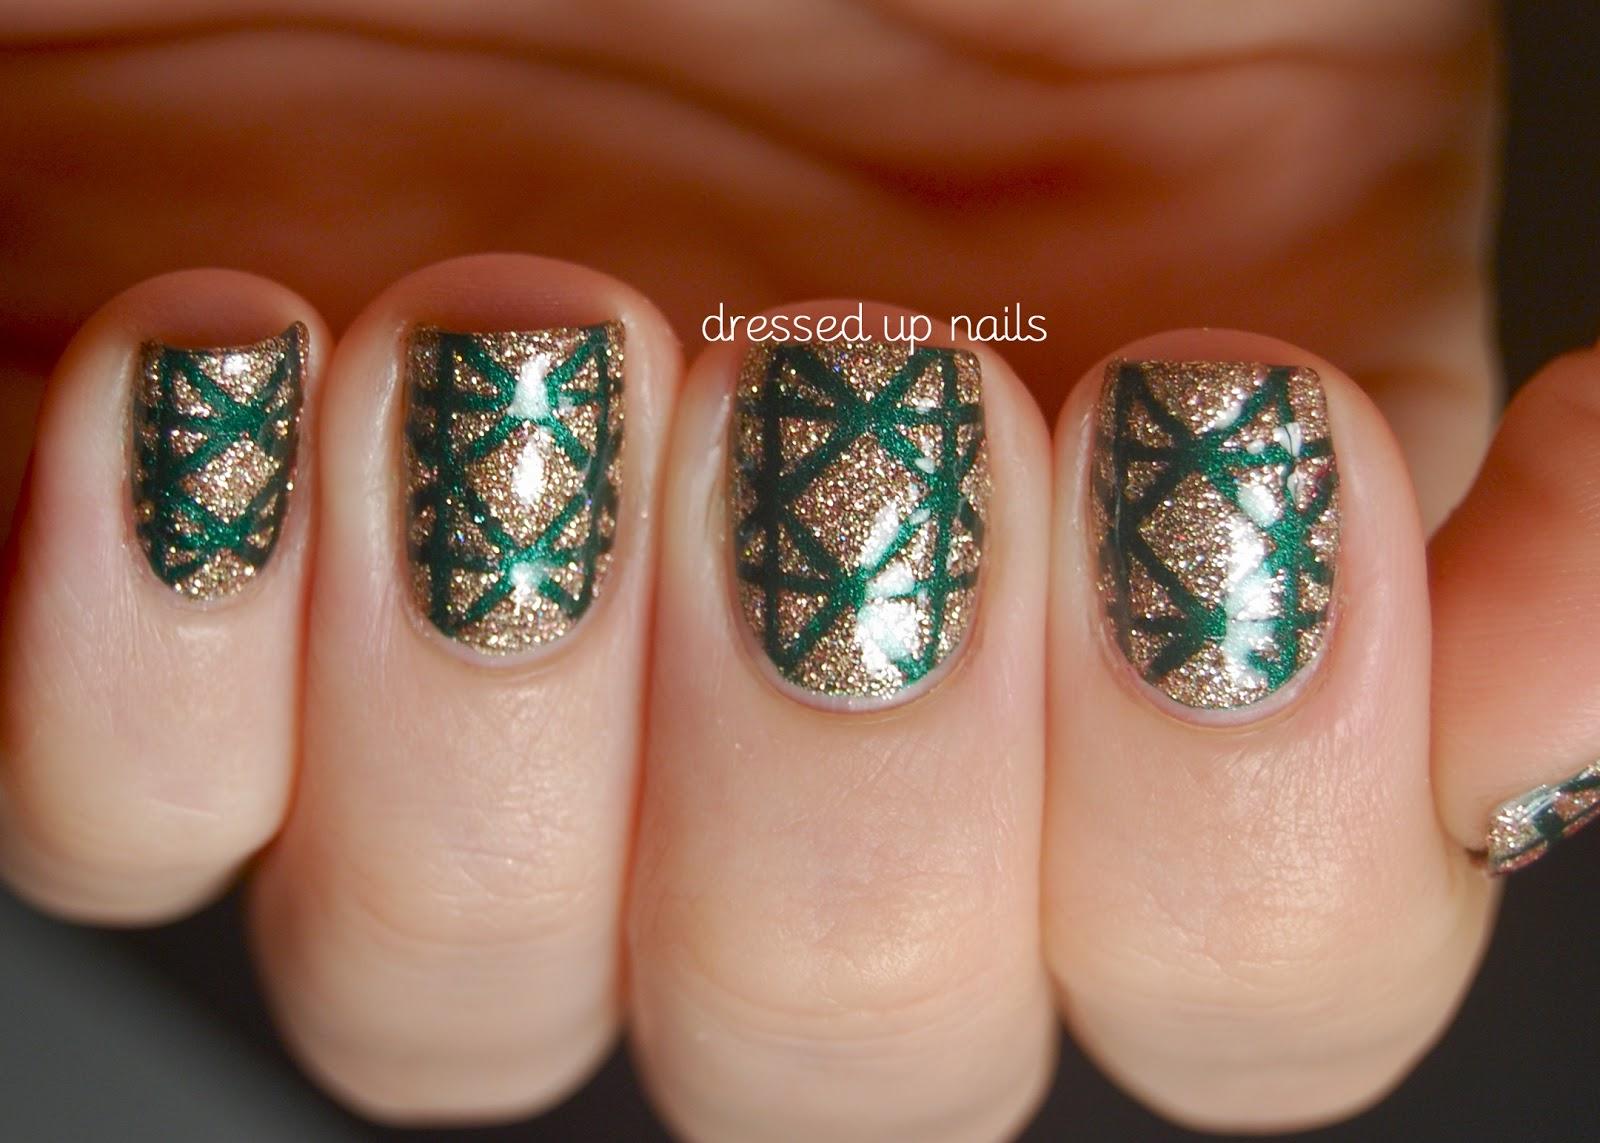 nail-taping-2-top-5-best-diy-nail-arts-for-christmas-holiday-season